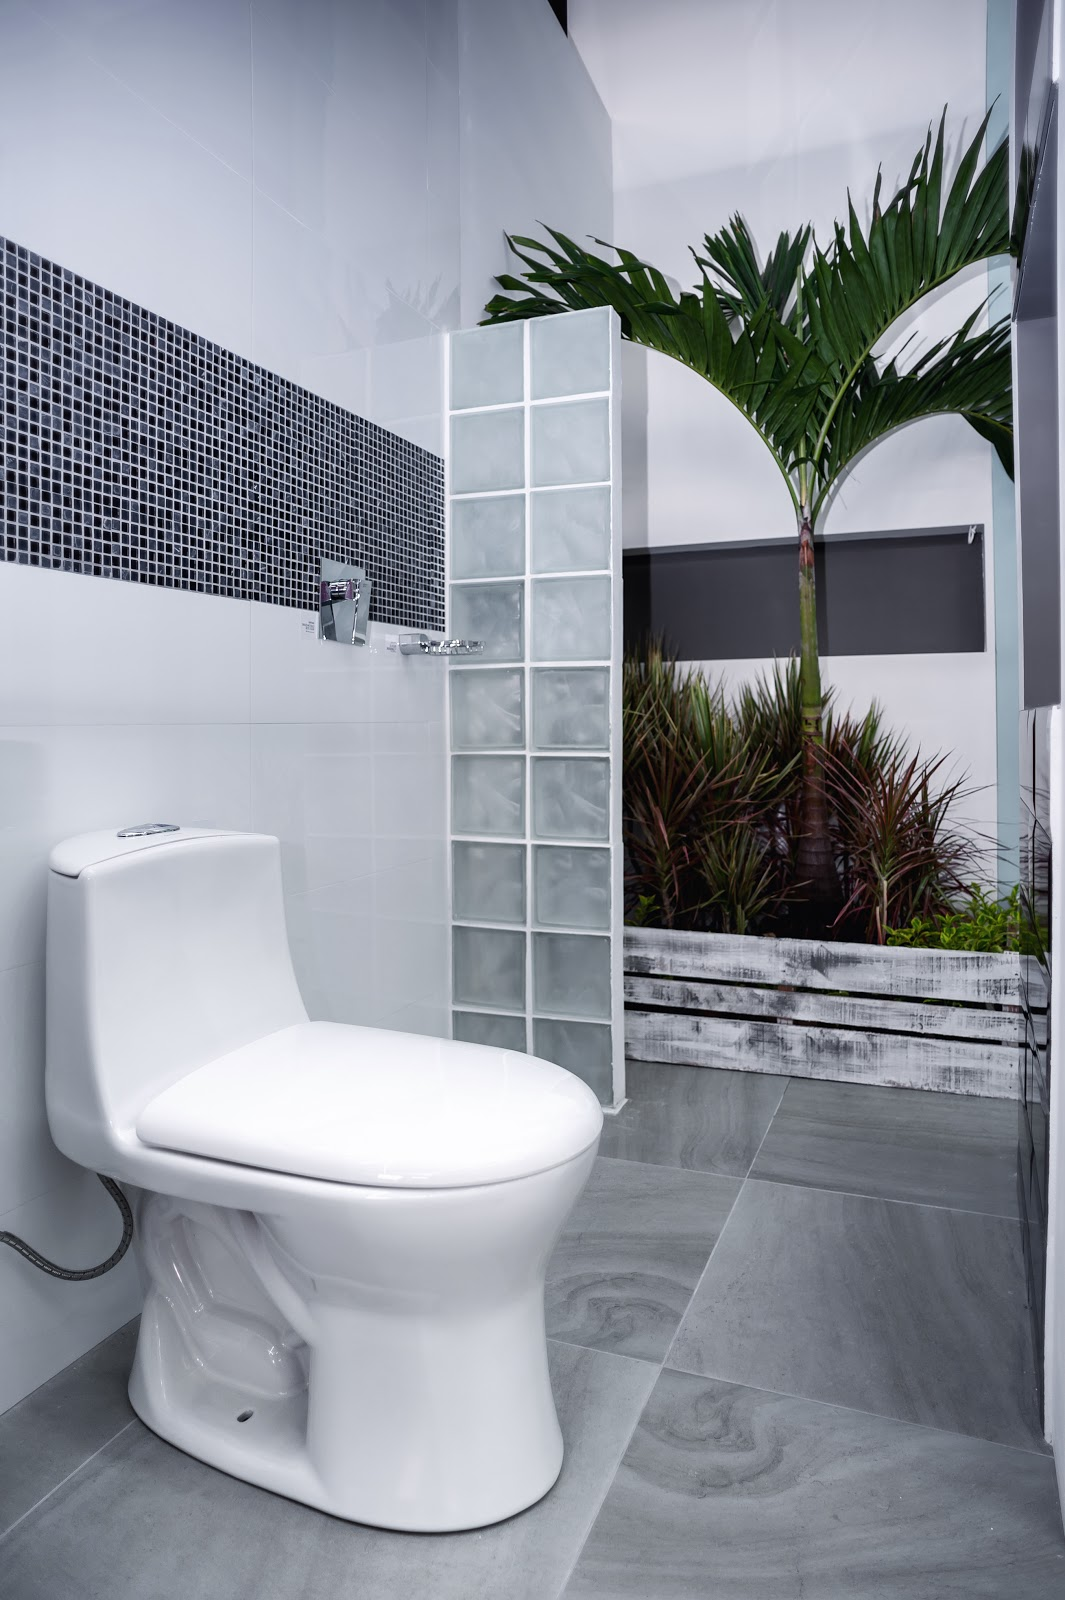 Decoracion Baños Corona:Los diseños de sanitarios que CORONA propone actualmentecombinan dos